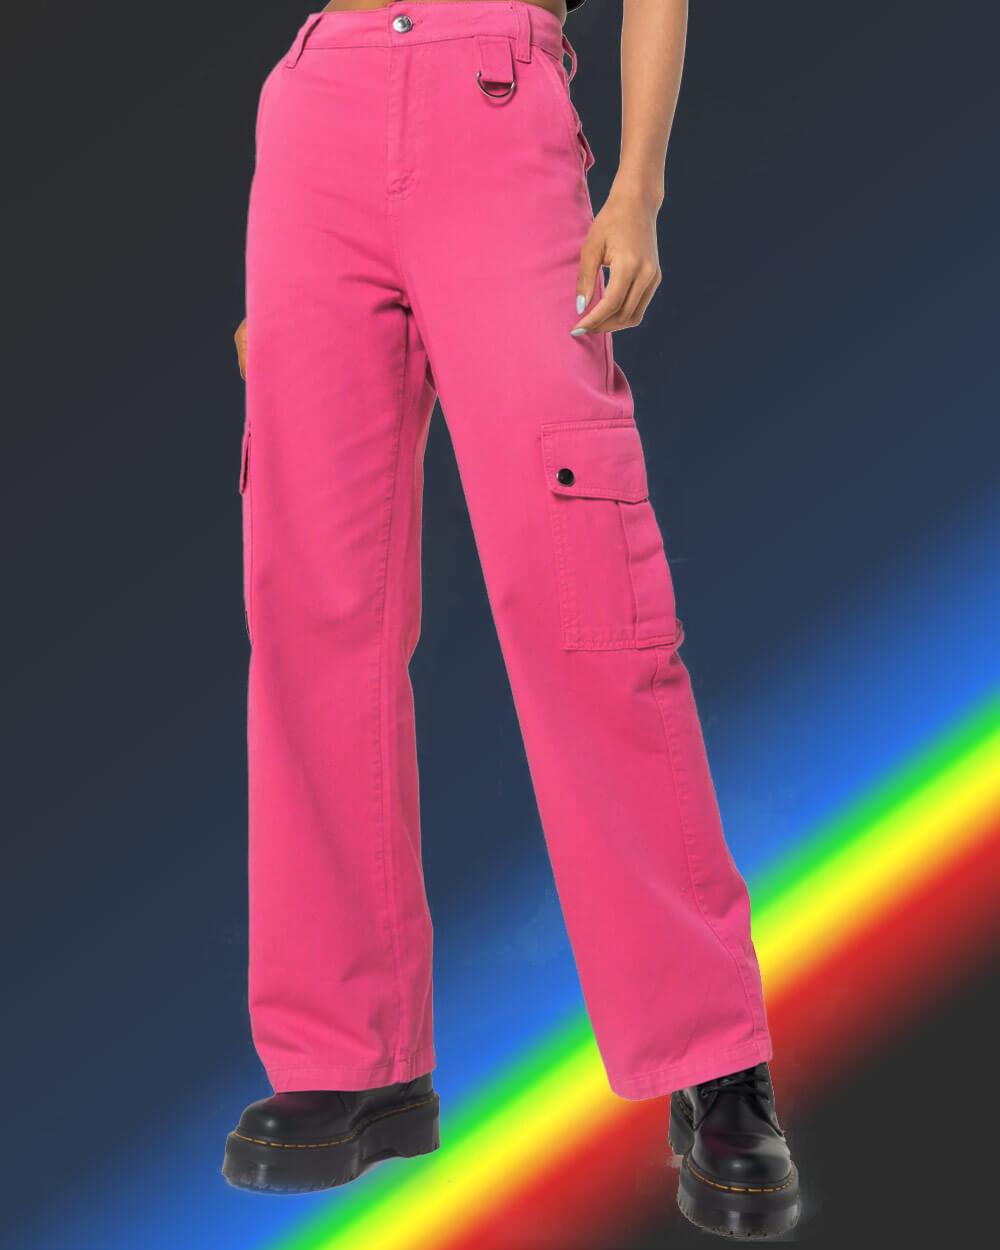 E girl clothing pop-coloured pants